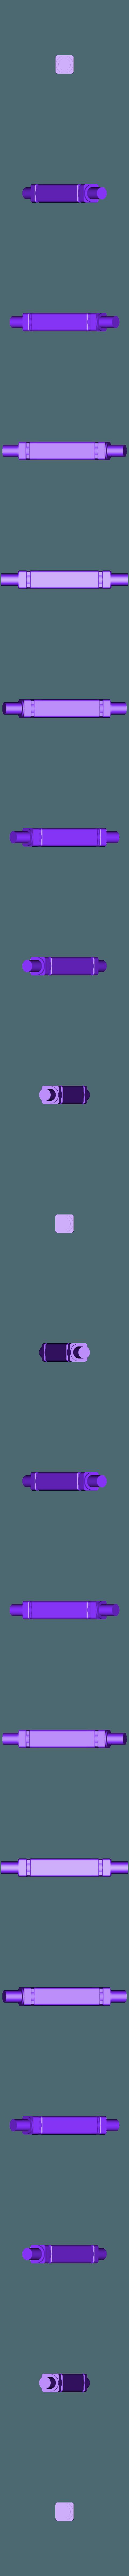 BoatShaftV1.stl Télécharger fichier STL gratuit Bateau à pagaies • Objet à imprimer en 3D, Pwentey